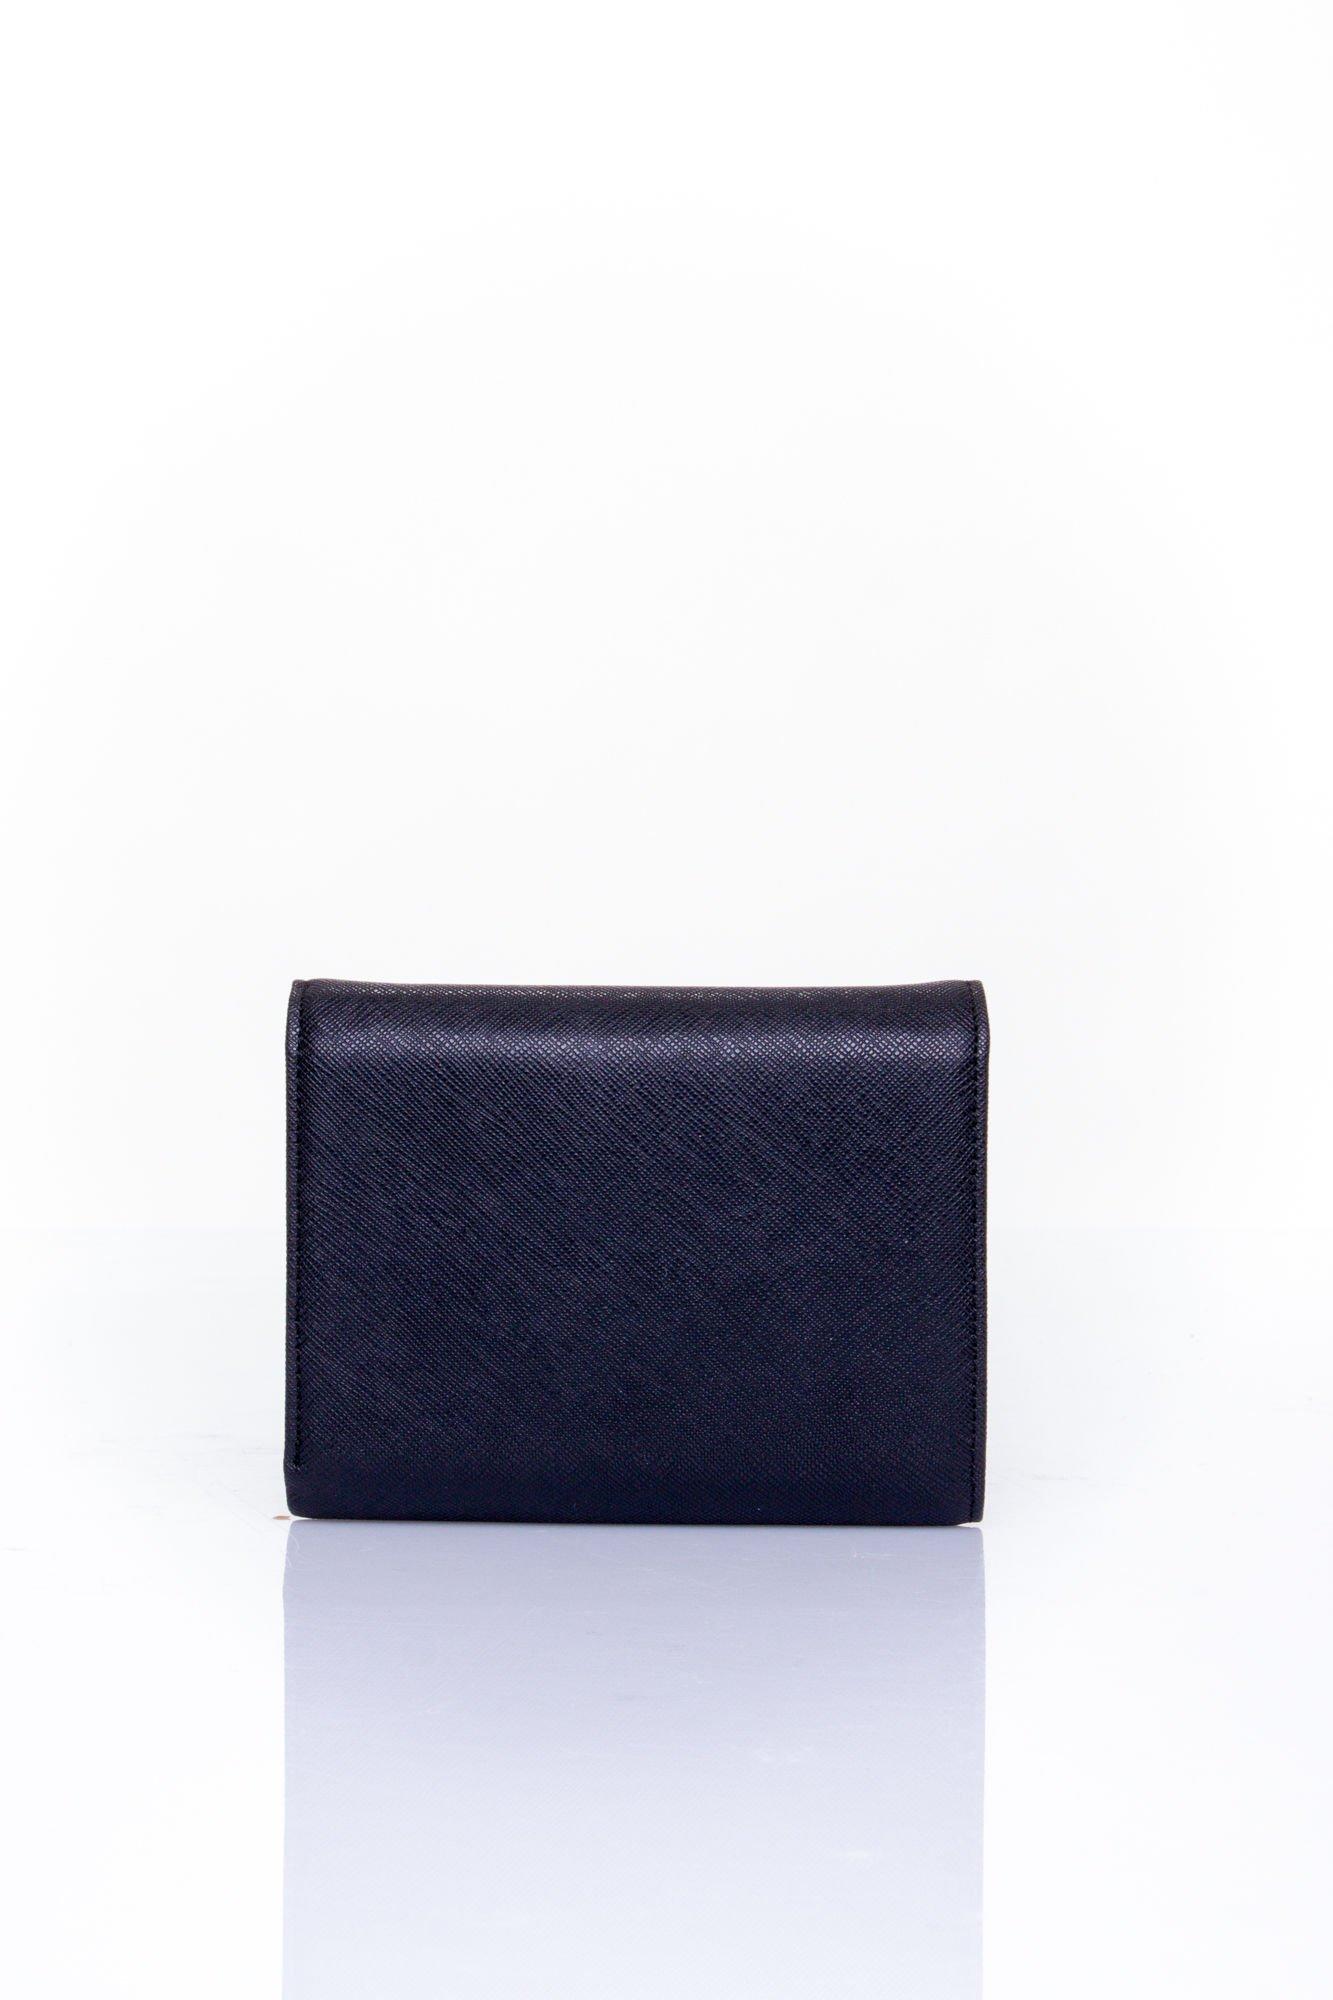 Czarny portfel z kokardką                                  zdj.                                  2